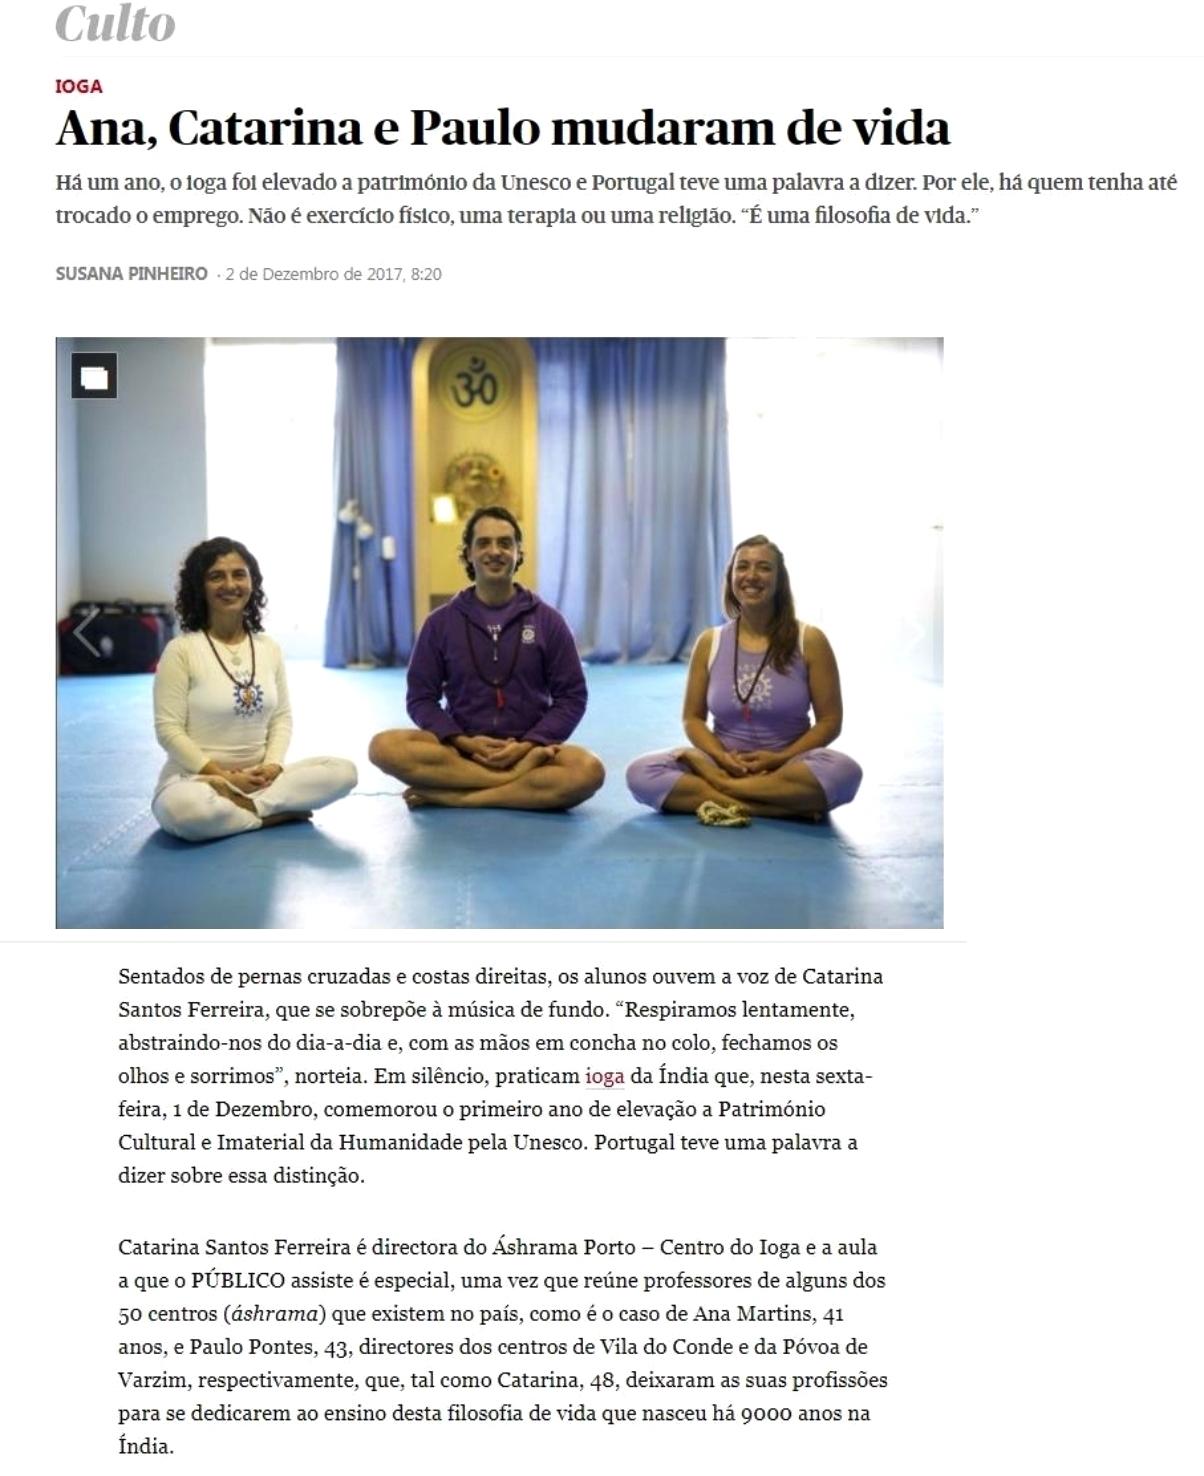 Ana, Catarina e Paulo mudaram de Vida - Público - 2017, Dezembro, 2 - pág.1